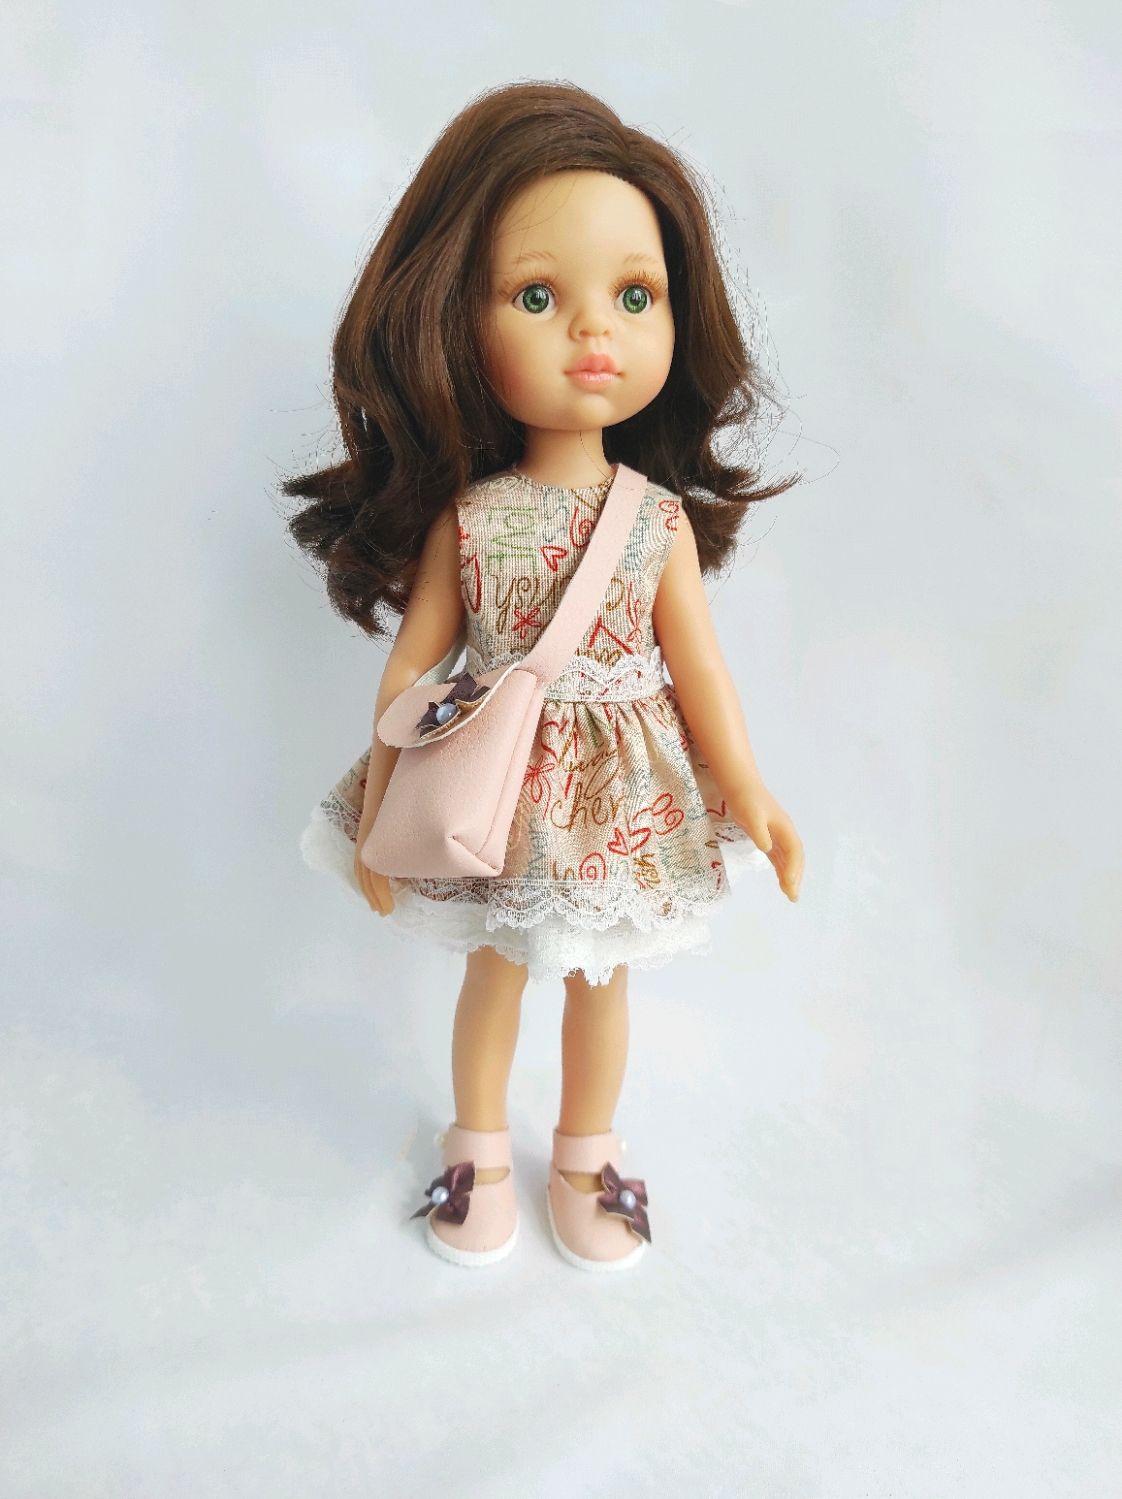 Виниловая кукла Paola Reina, Куклы и пупсы, Кемерово,  Фото №1